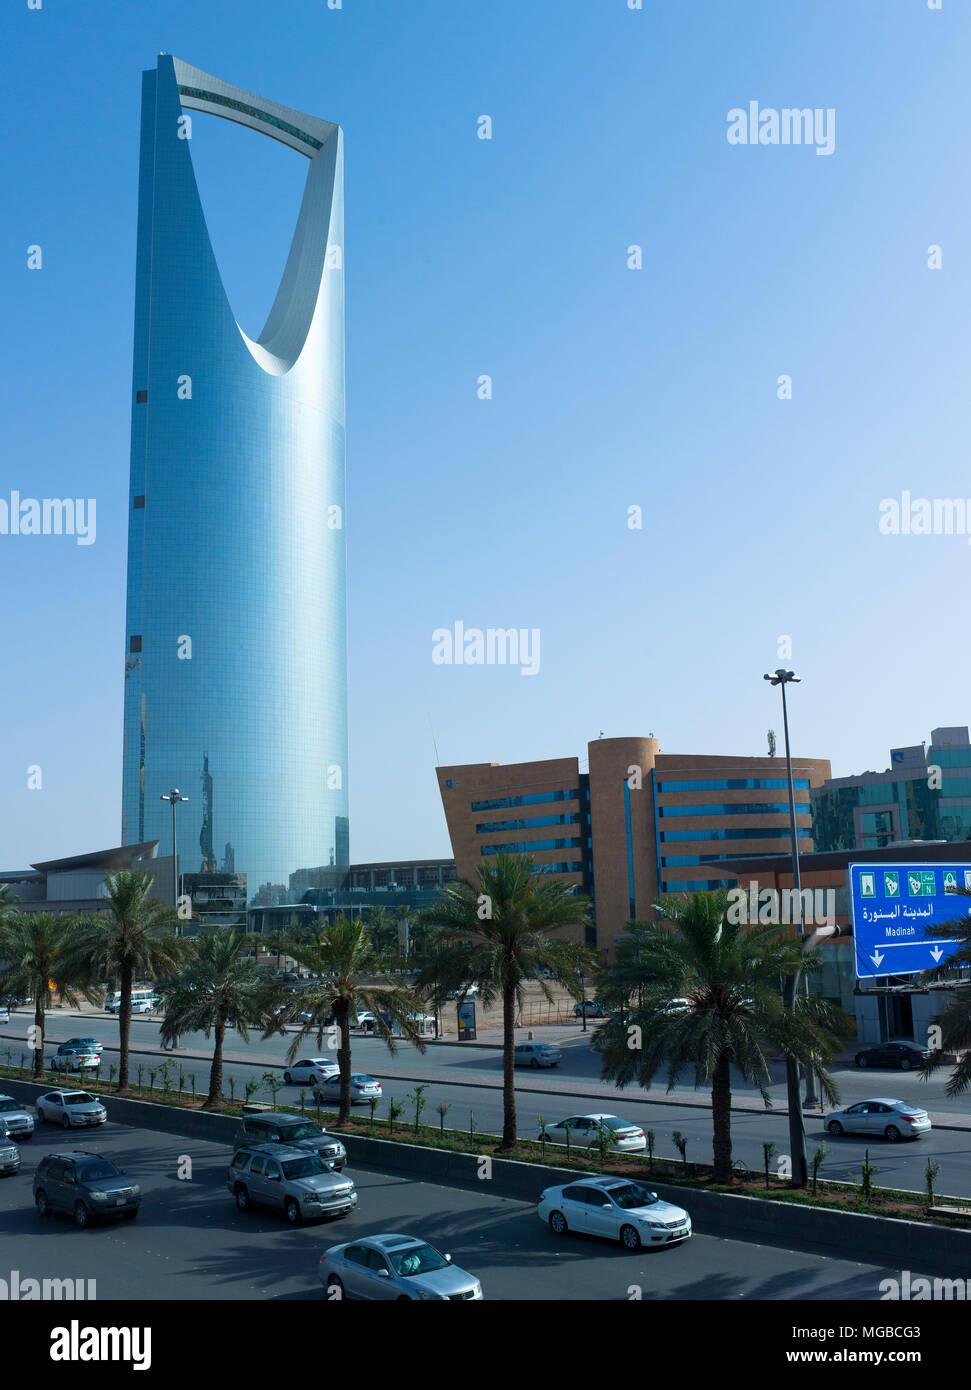 Este abril sólo alrededor de un millón de trabajadores extranjeros han dejado a Arabia Saudita para el bien, lo cual explica el semáforo, en el Rey Fahad temprano en la carretera Imagen De Stock